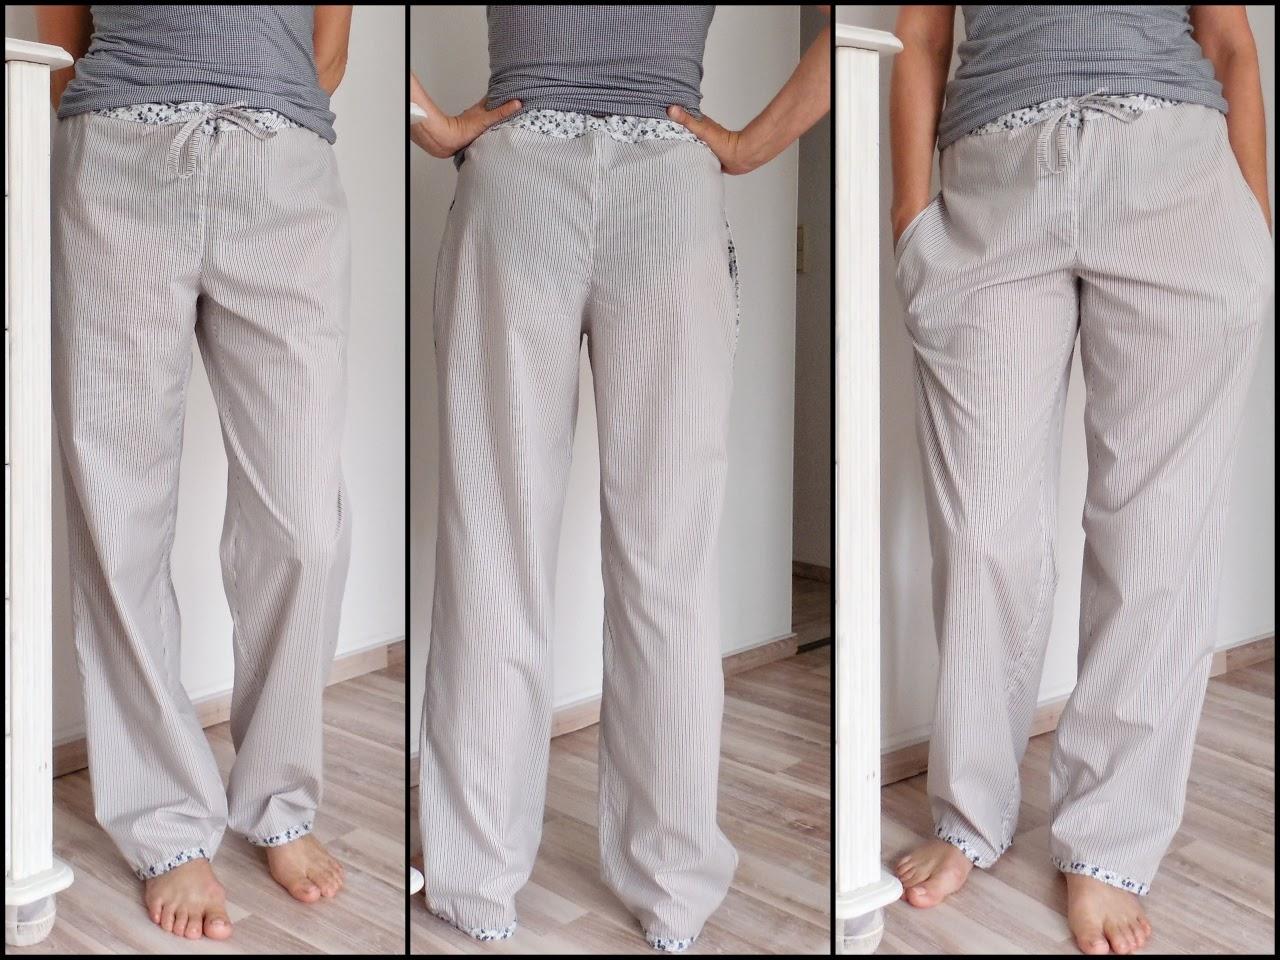 Judys Dies und Das: Pyjamahose beim Stoff, Schnitt & Stich-Sew Along